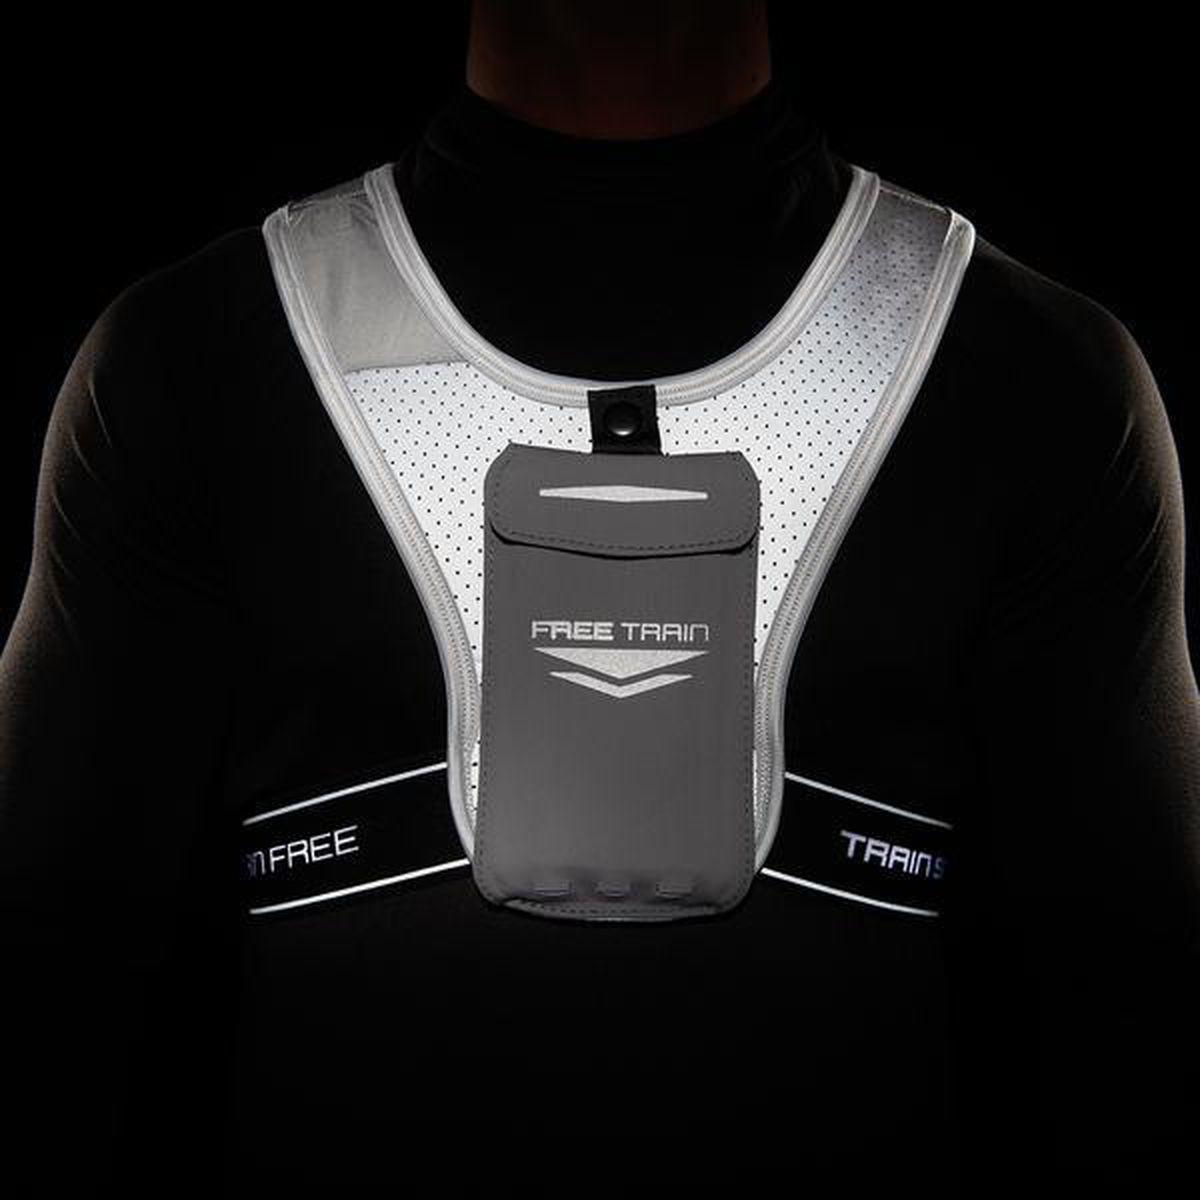 The Freetrain vest